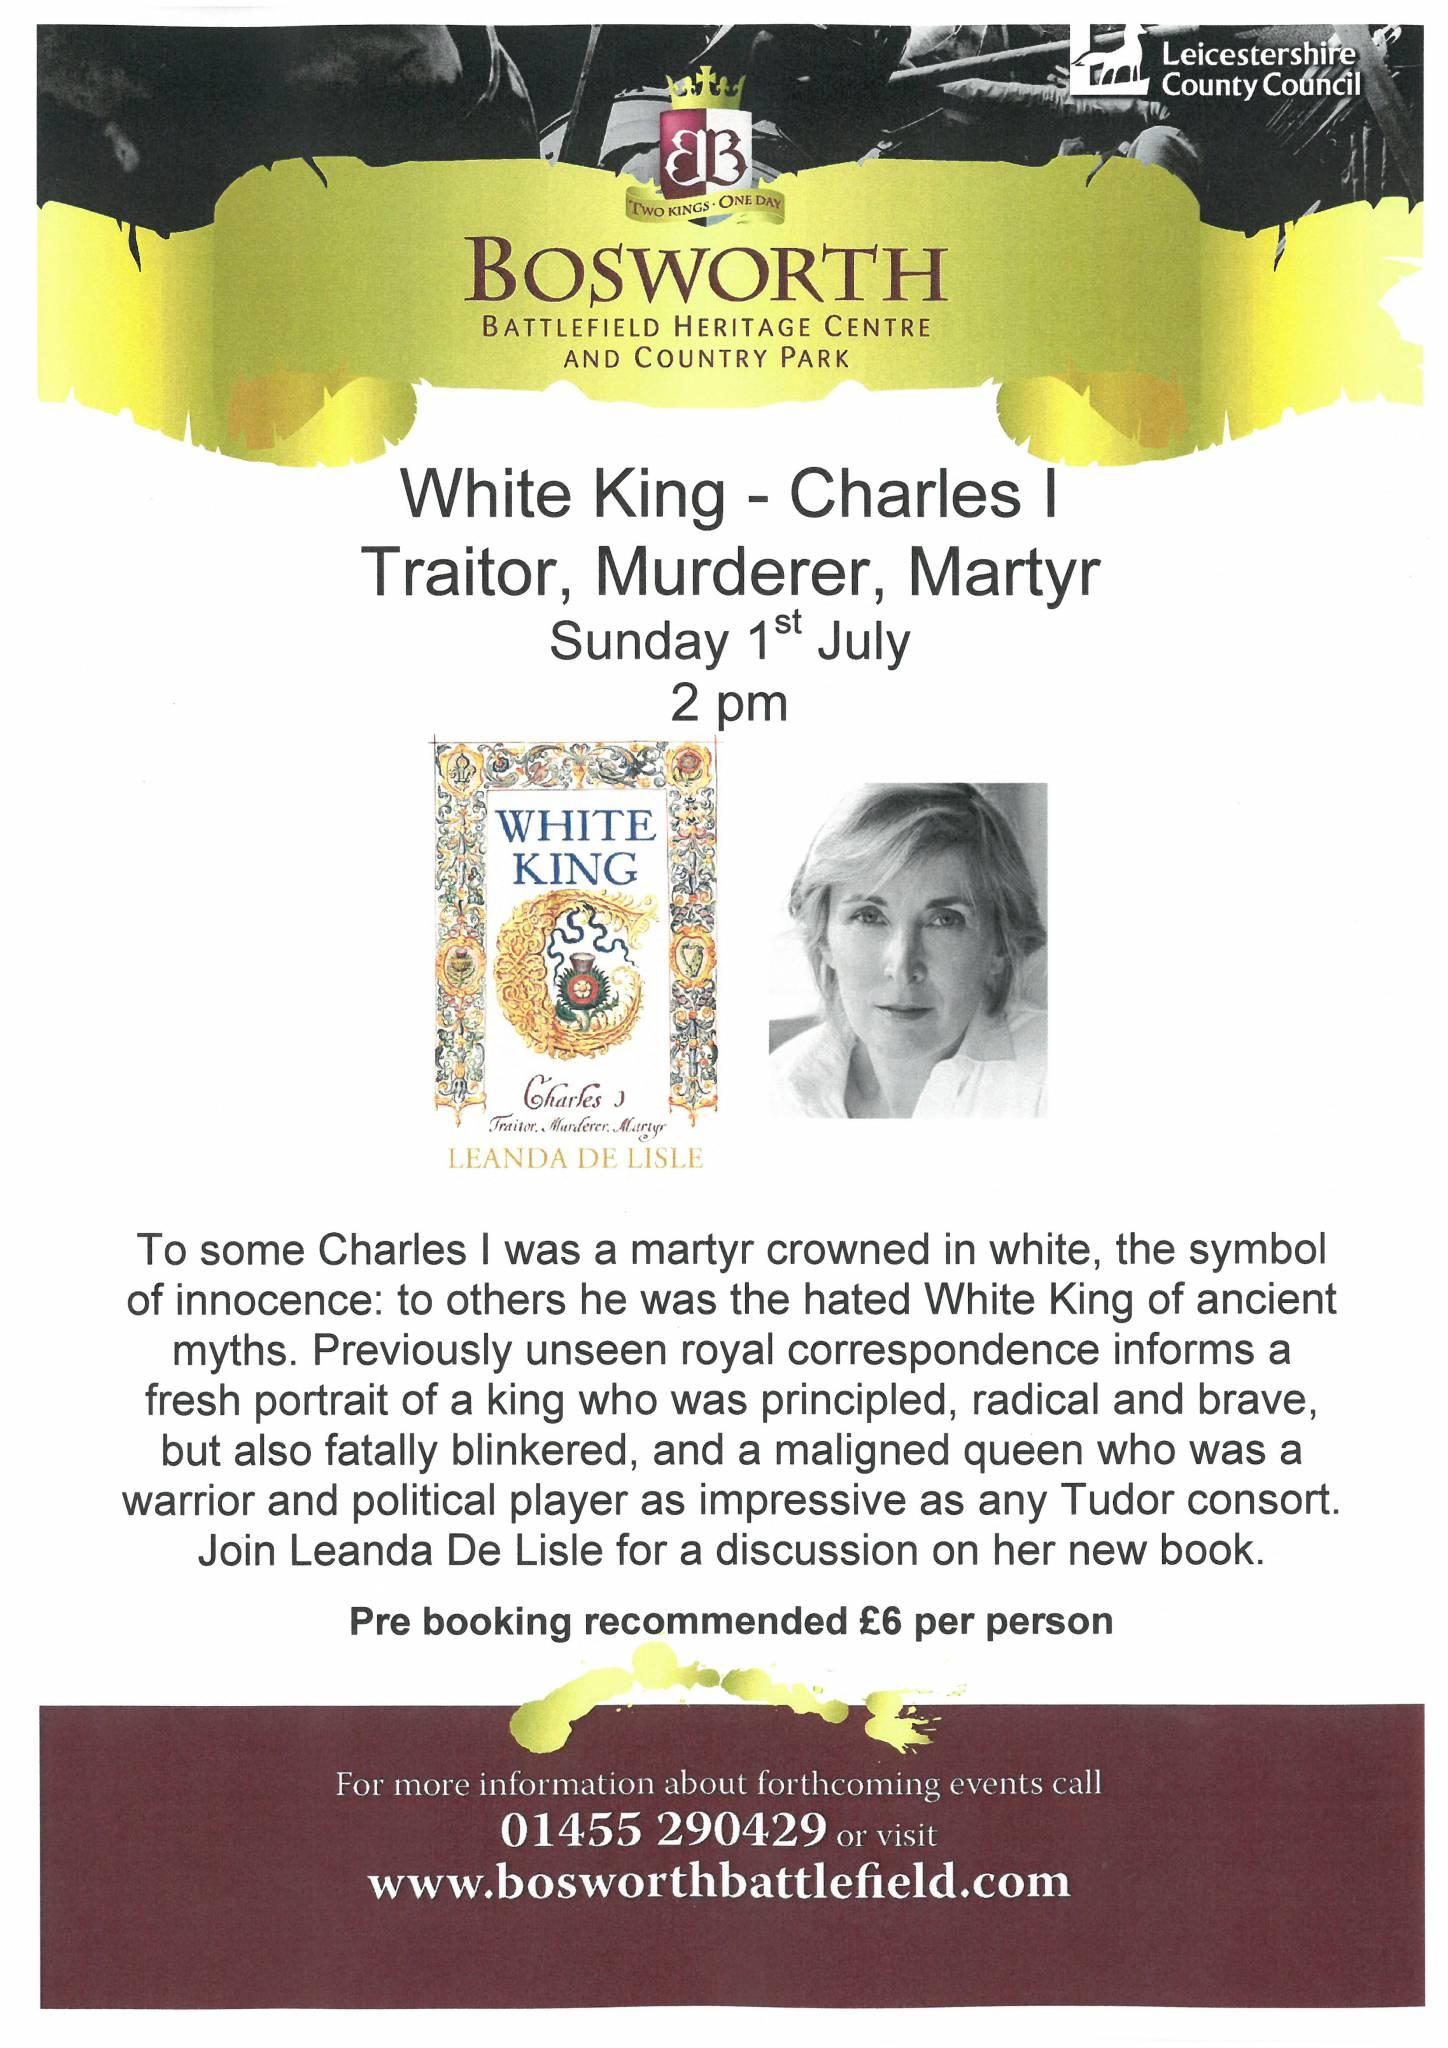 Leanda de Lisle Talk: White King - Charles I  Traitor, Murderer, Martyr